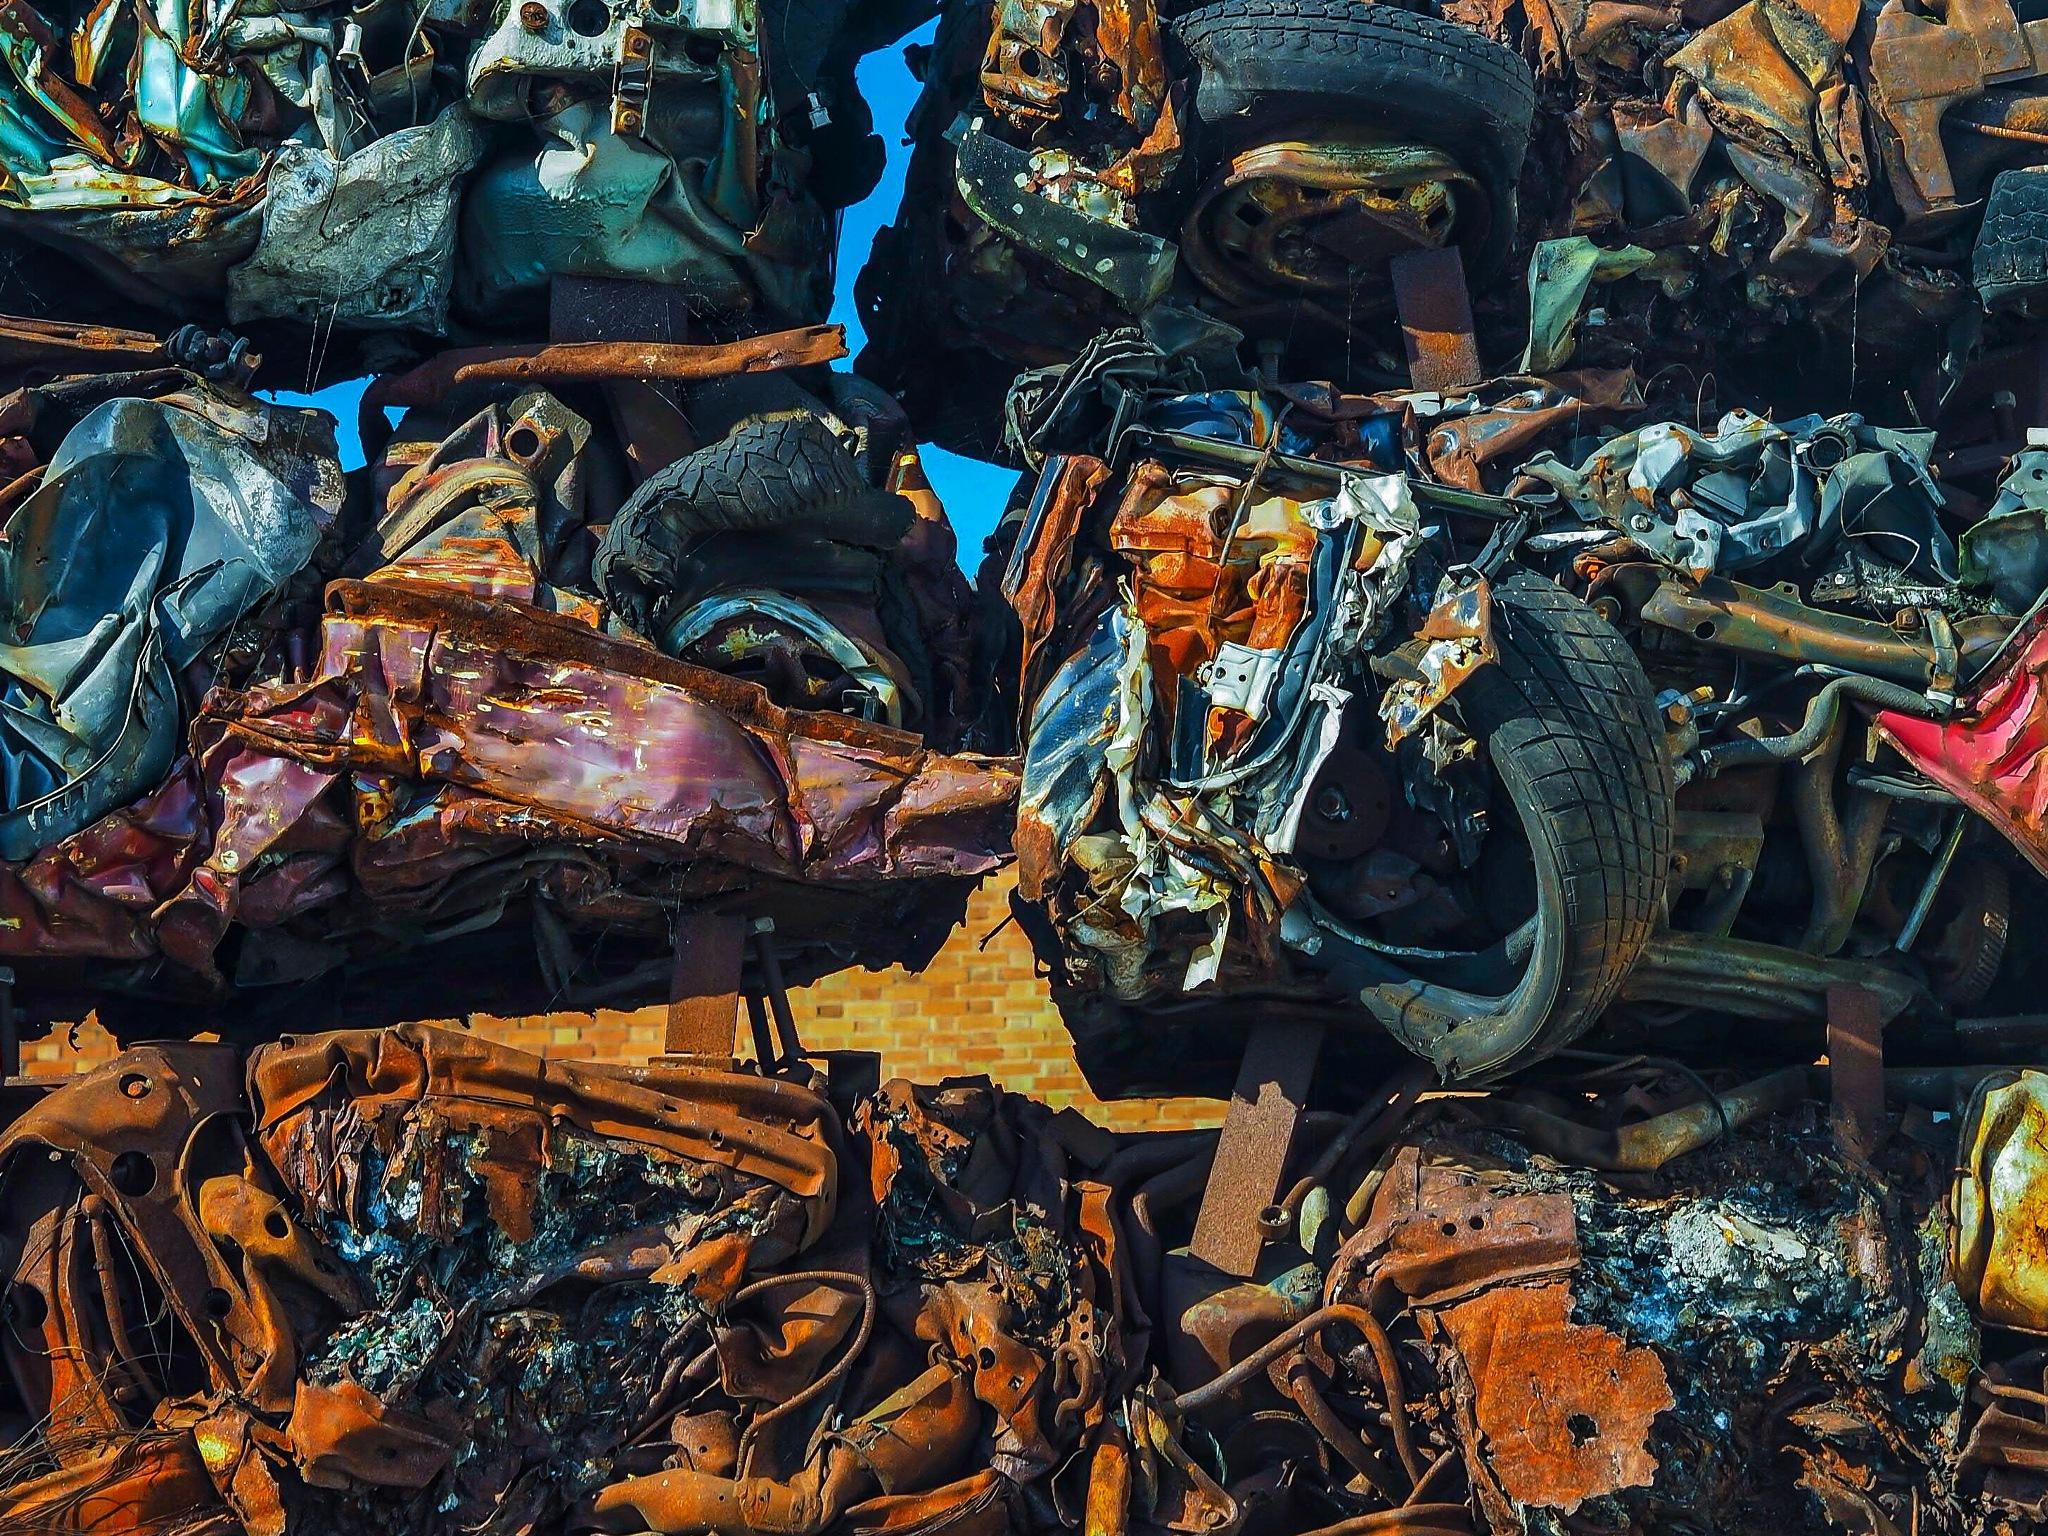 Scrap Cars by VictorBurnside